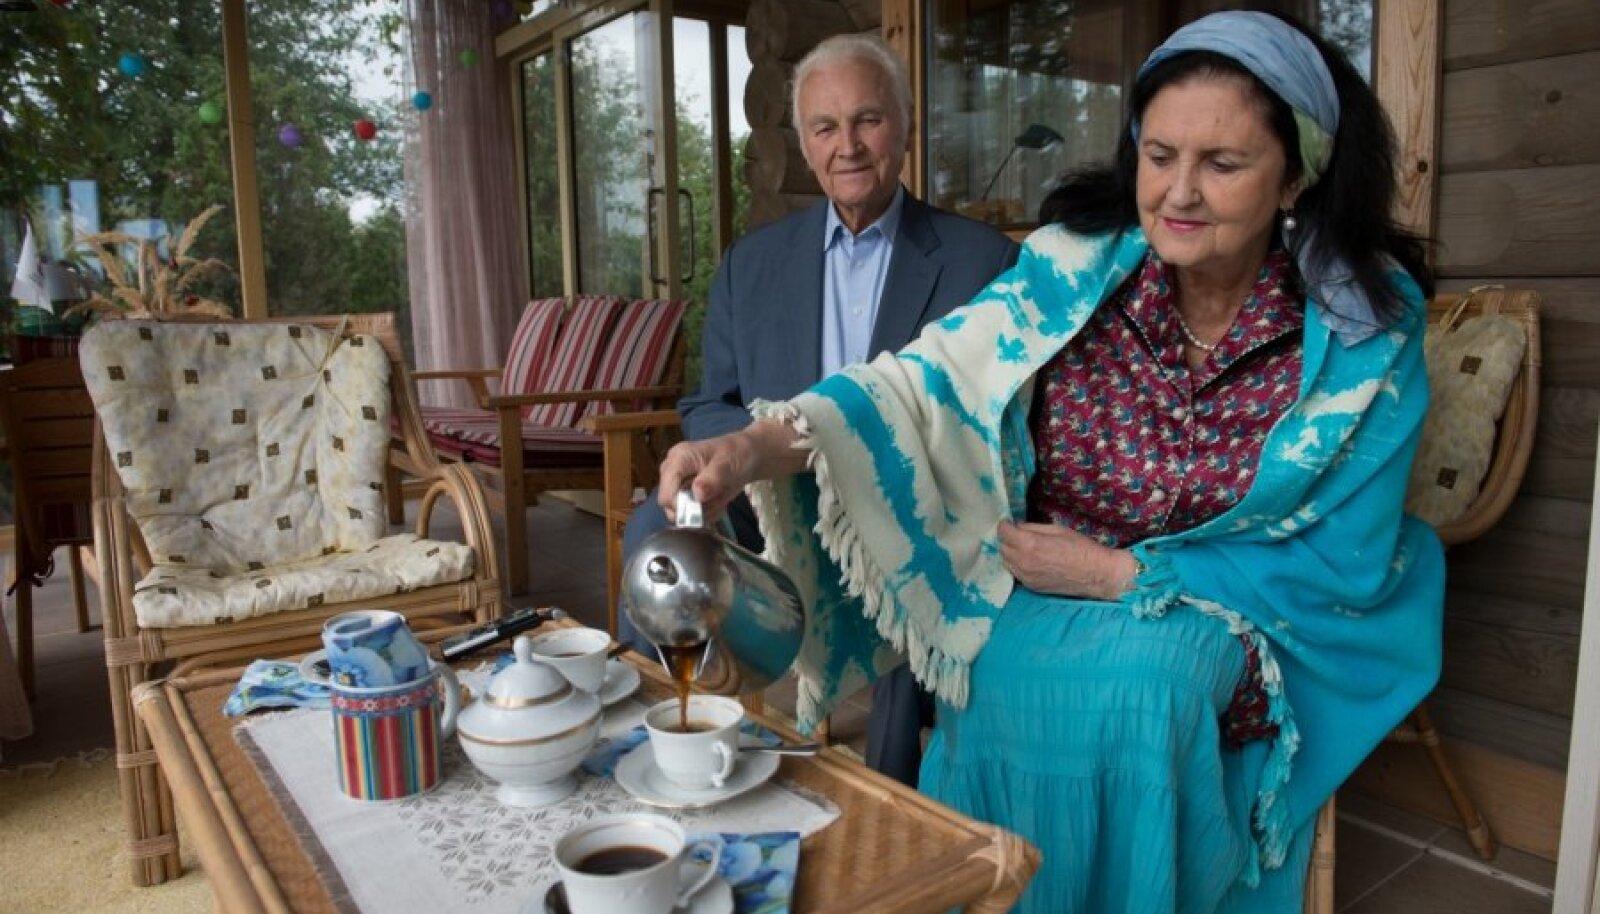 Proua Ingrid pakub kohvi abikaasa ehitatud terrassil ning tunneb uhkust saare naiste käteosavuse üle: kohvikõrvaseks on kohalikud sarapuupähklitega kaeraküpsised ja proua õlgu ehib saare naiste kaunis käsitöö.